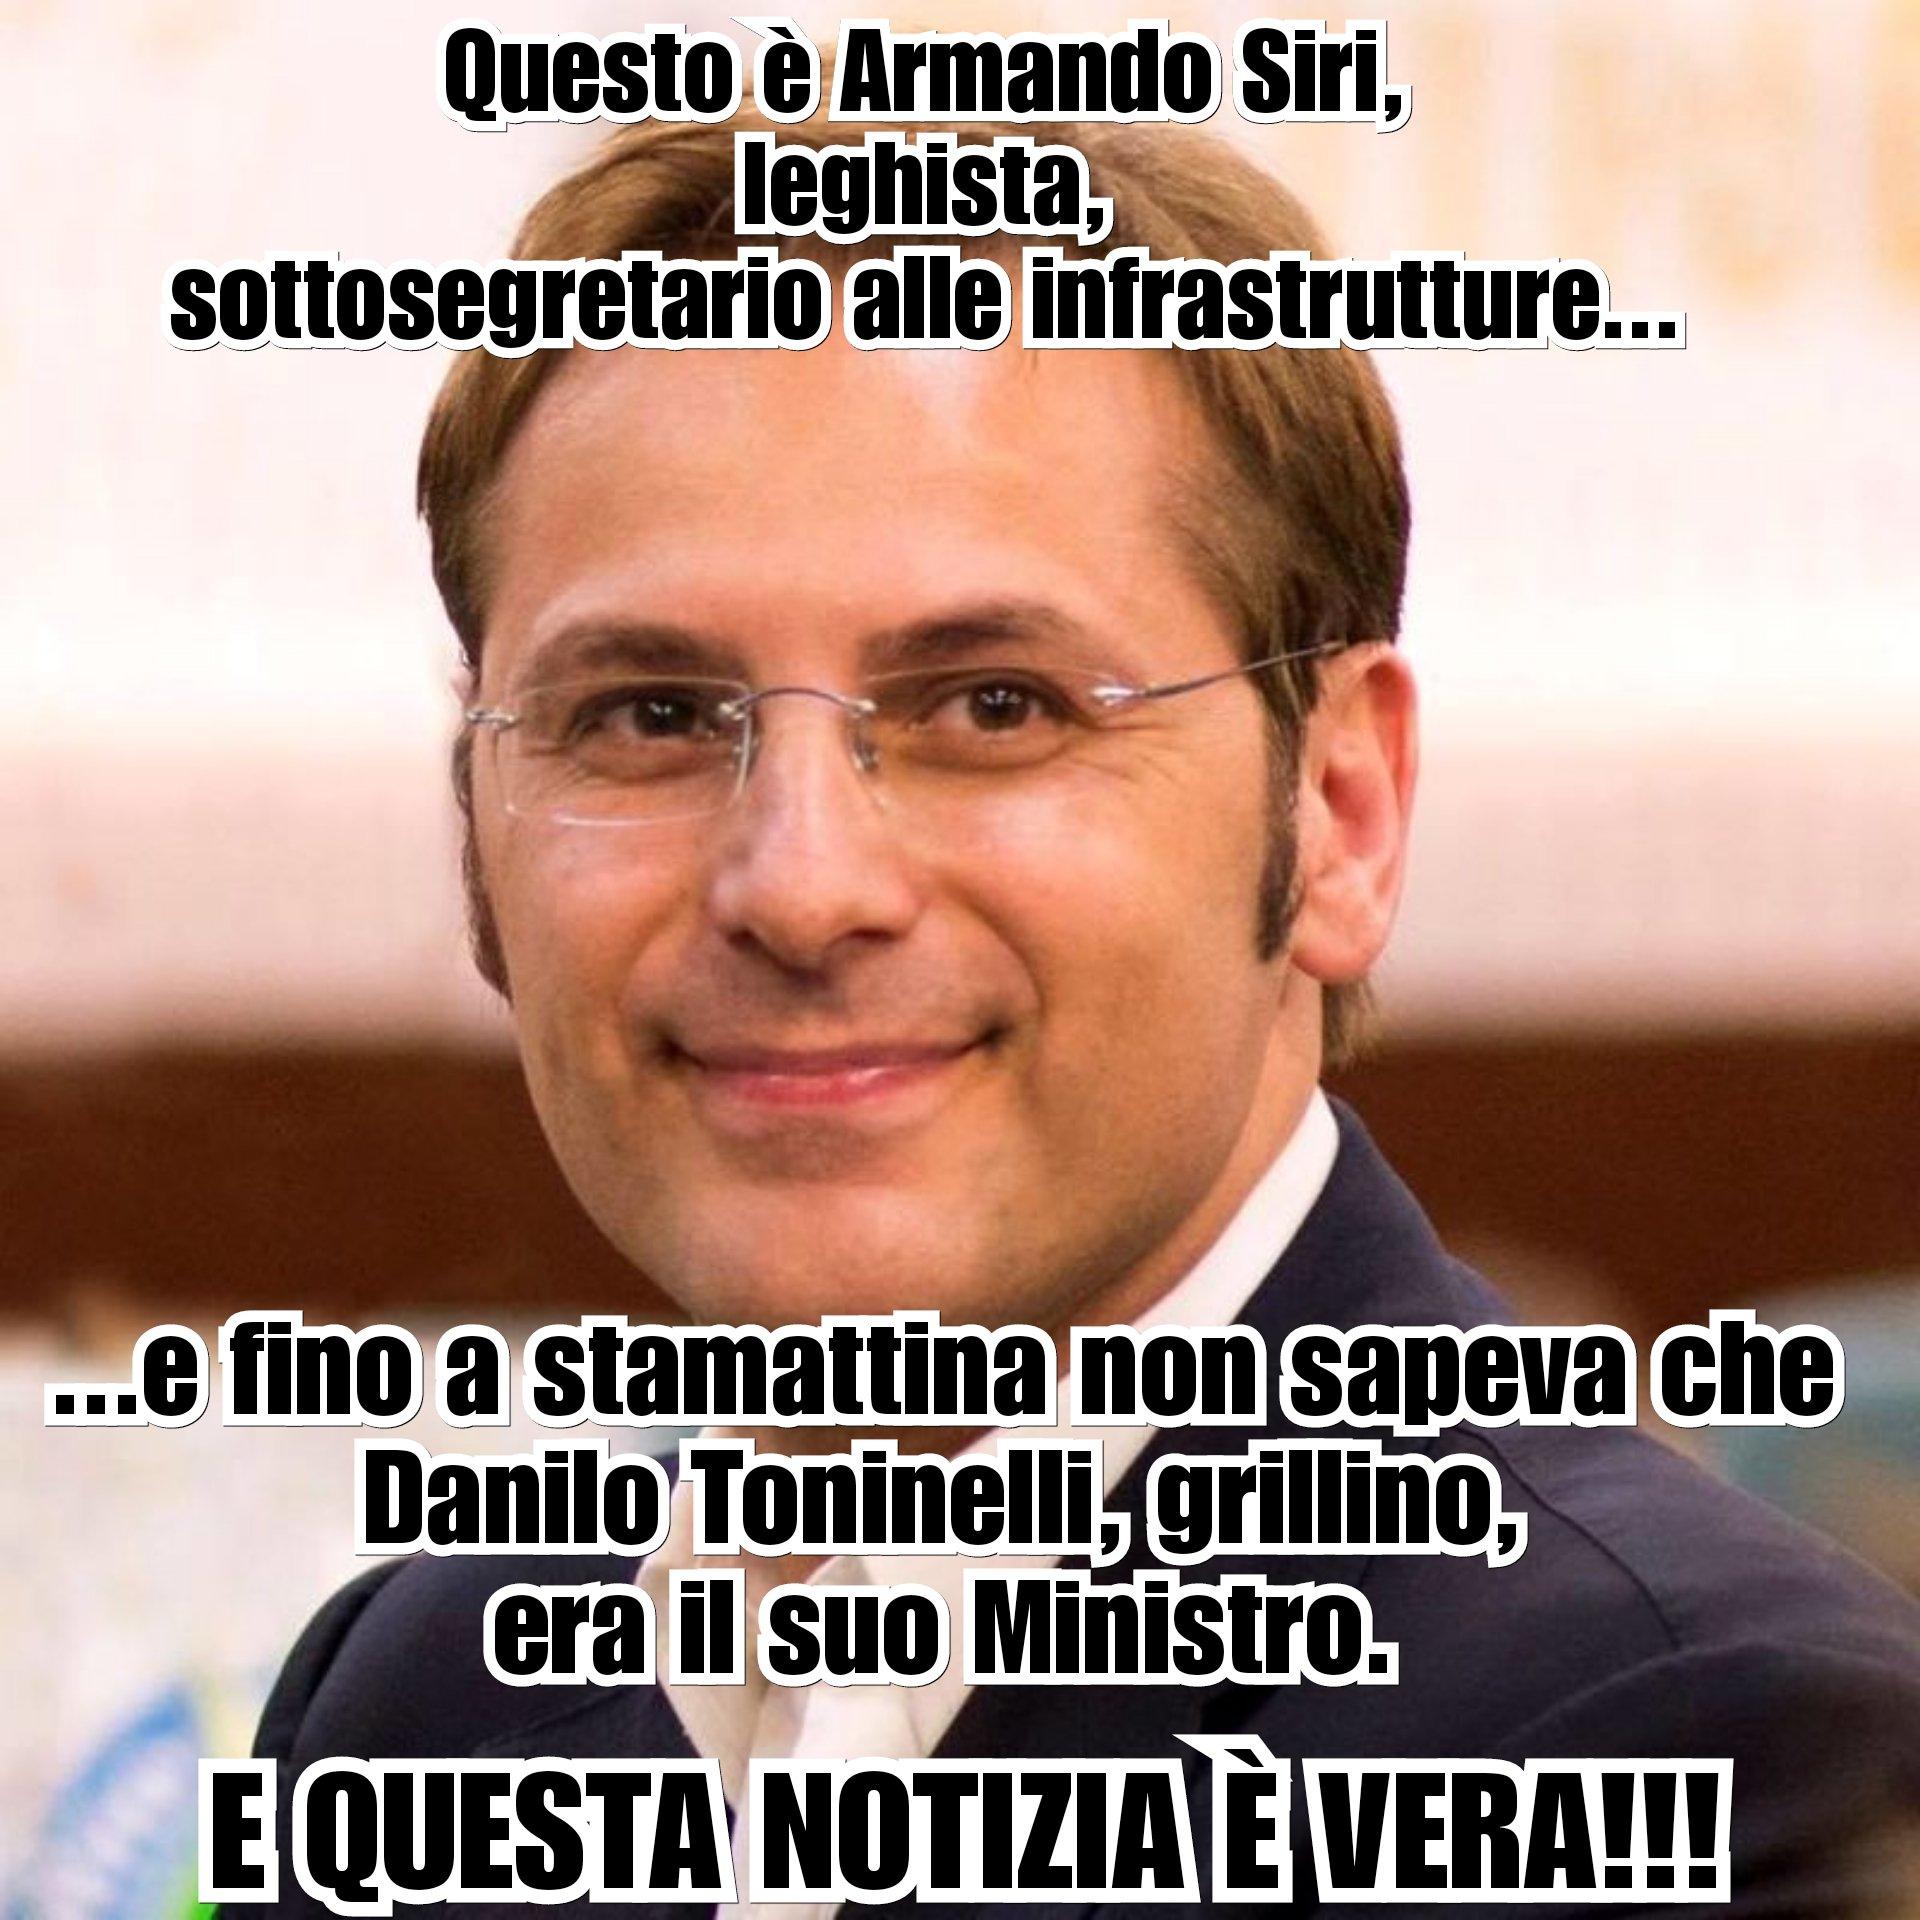 Gian Piero Marini On Twitter Retweeted Anna Rita Leonardi (@Annaleonardi1)